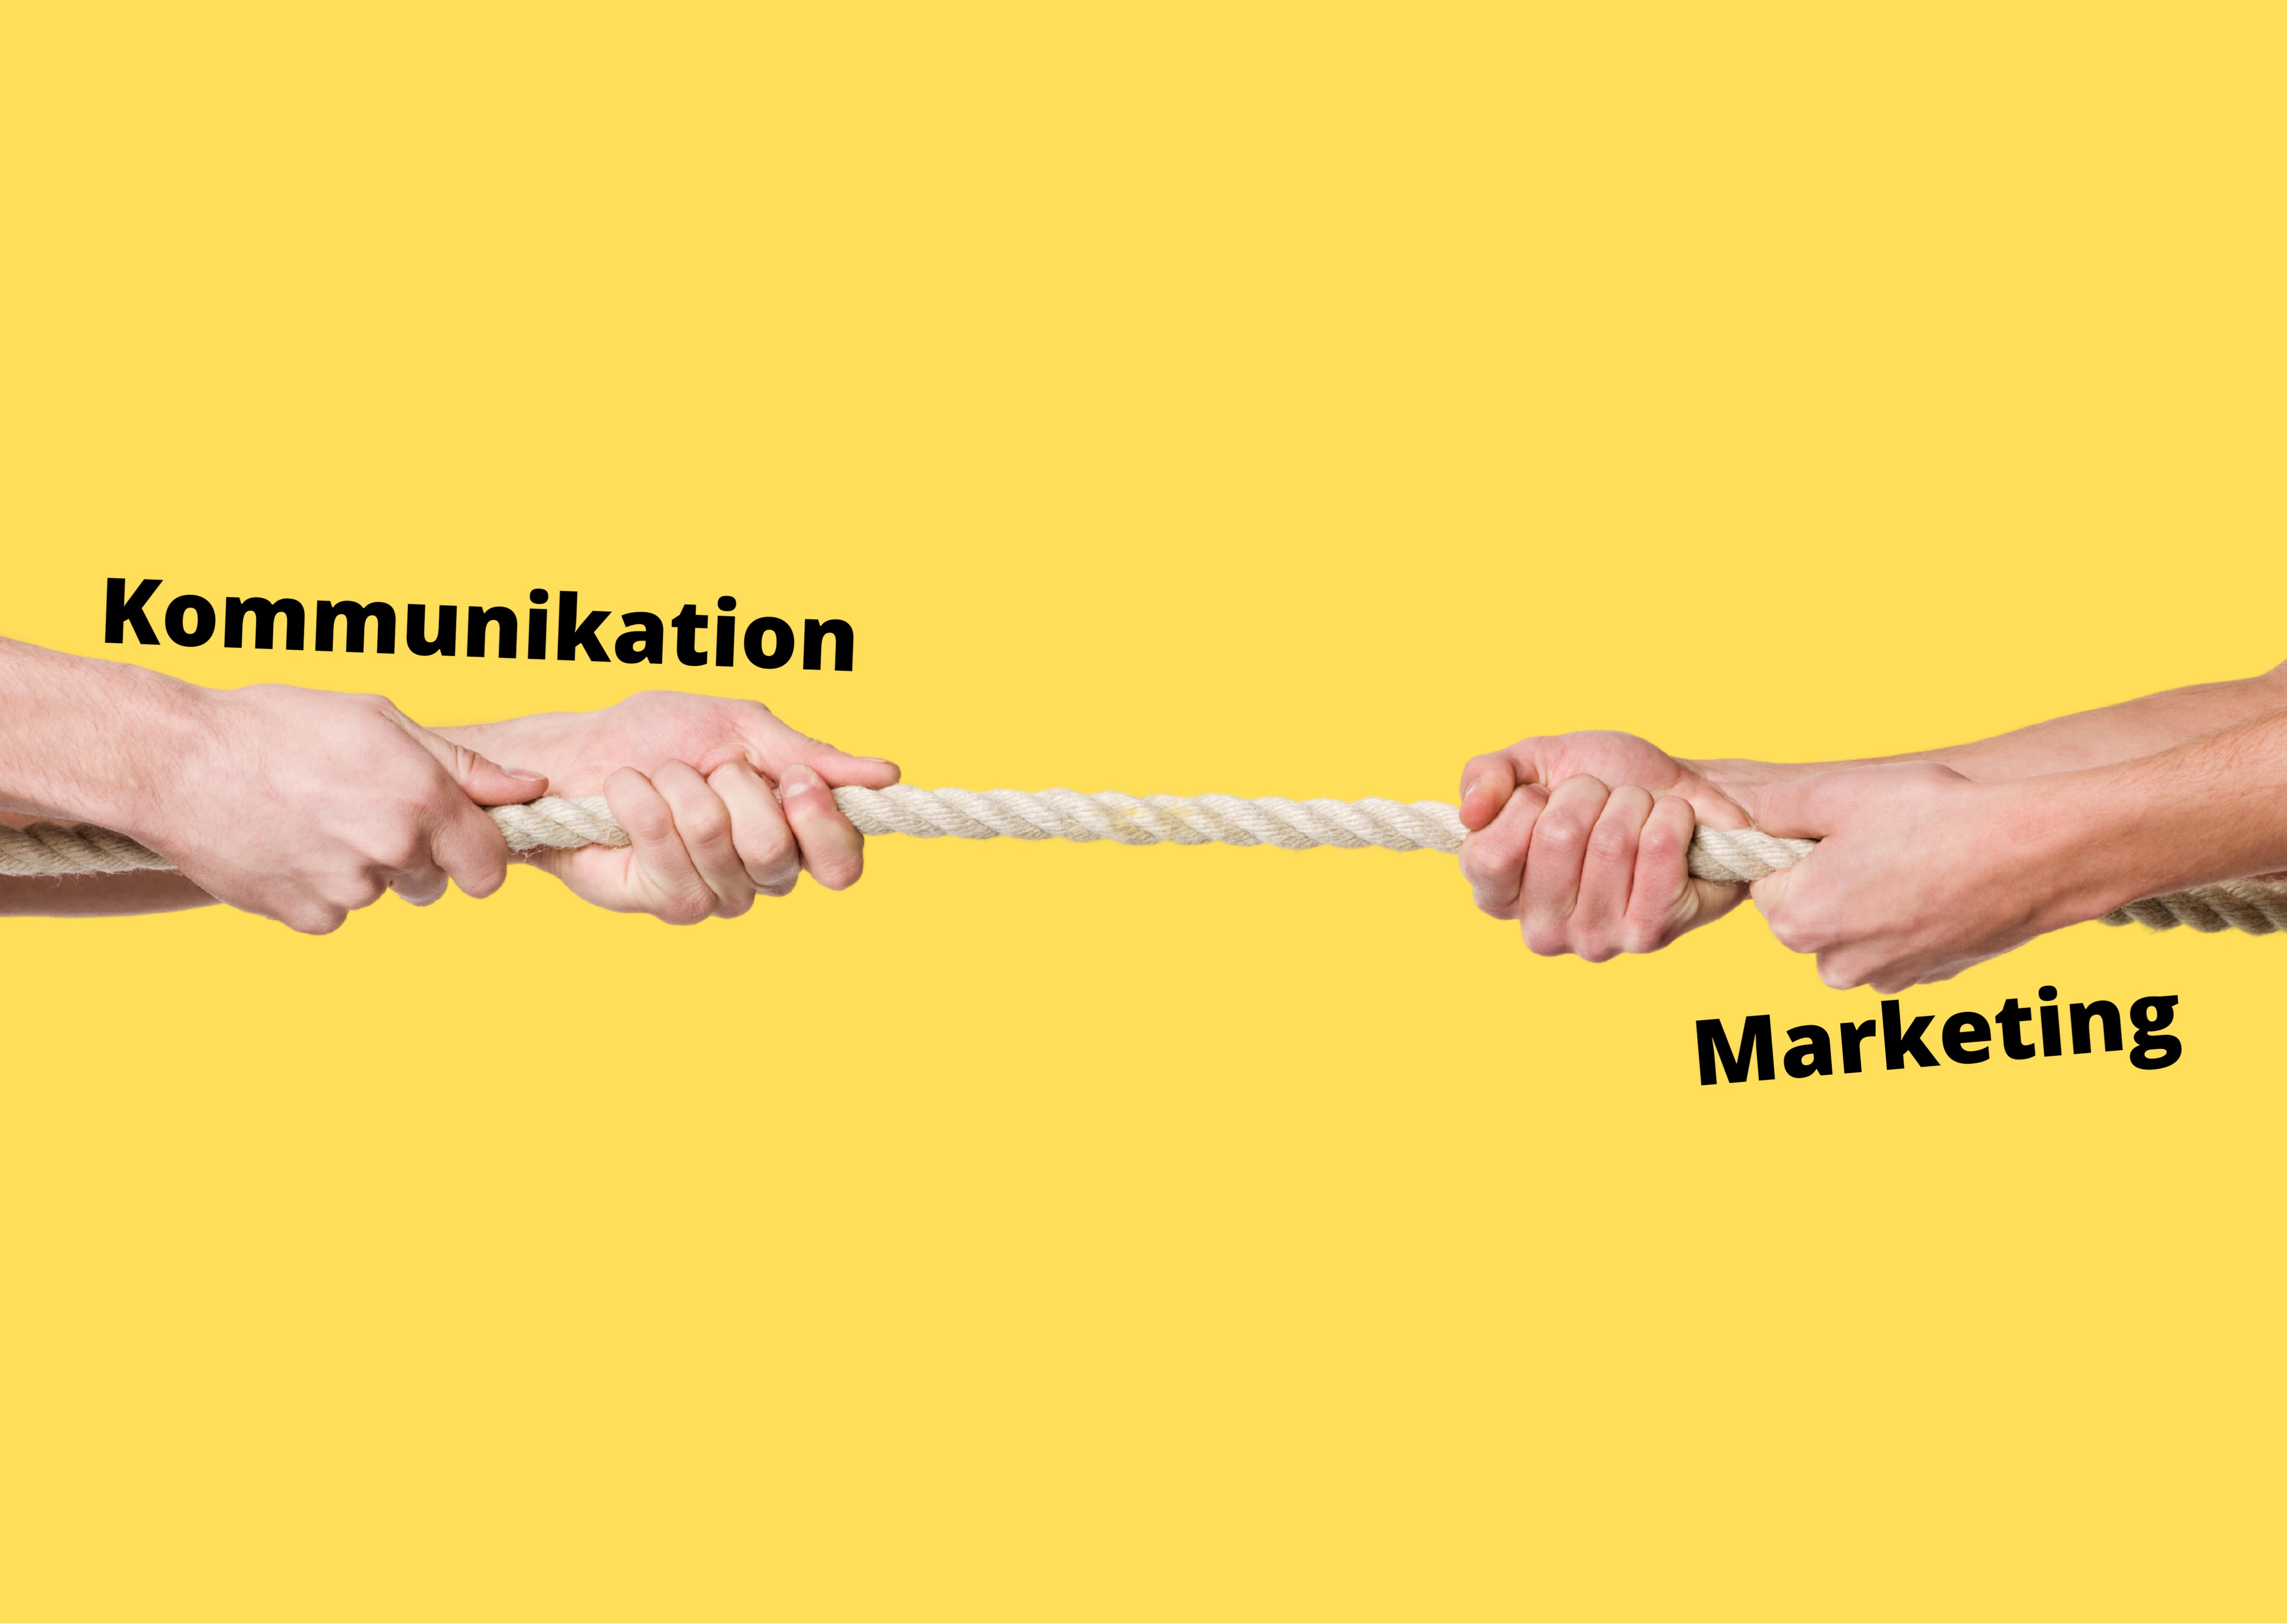 Tovtrækning mellem kommunikation og marketing